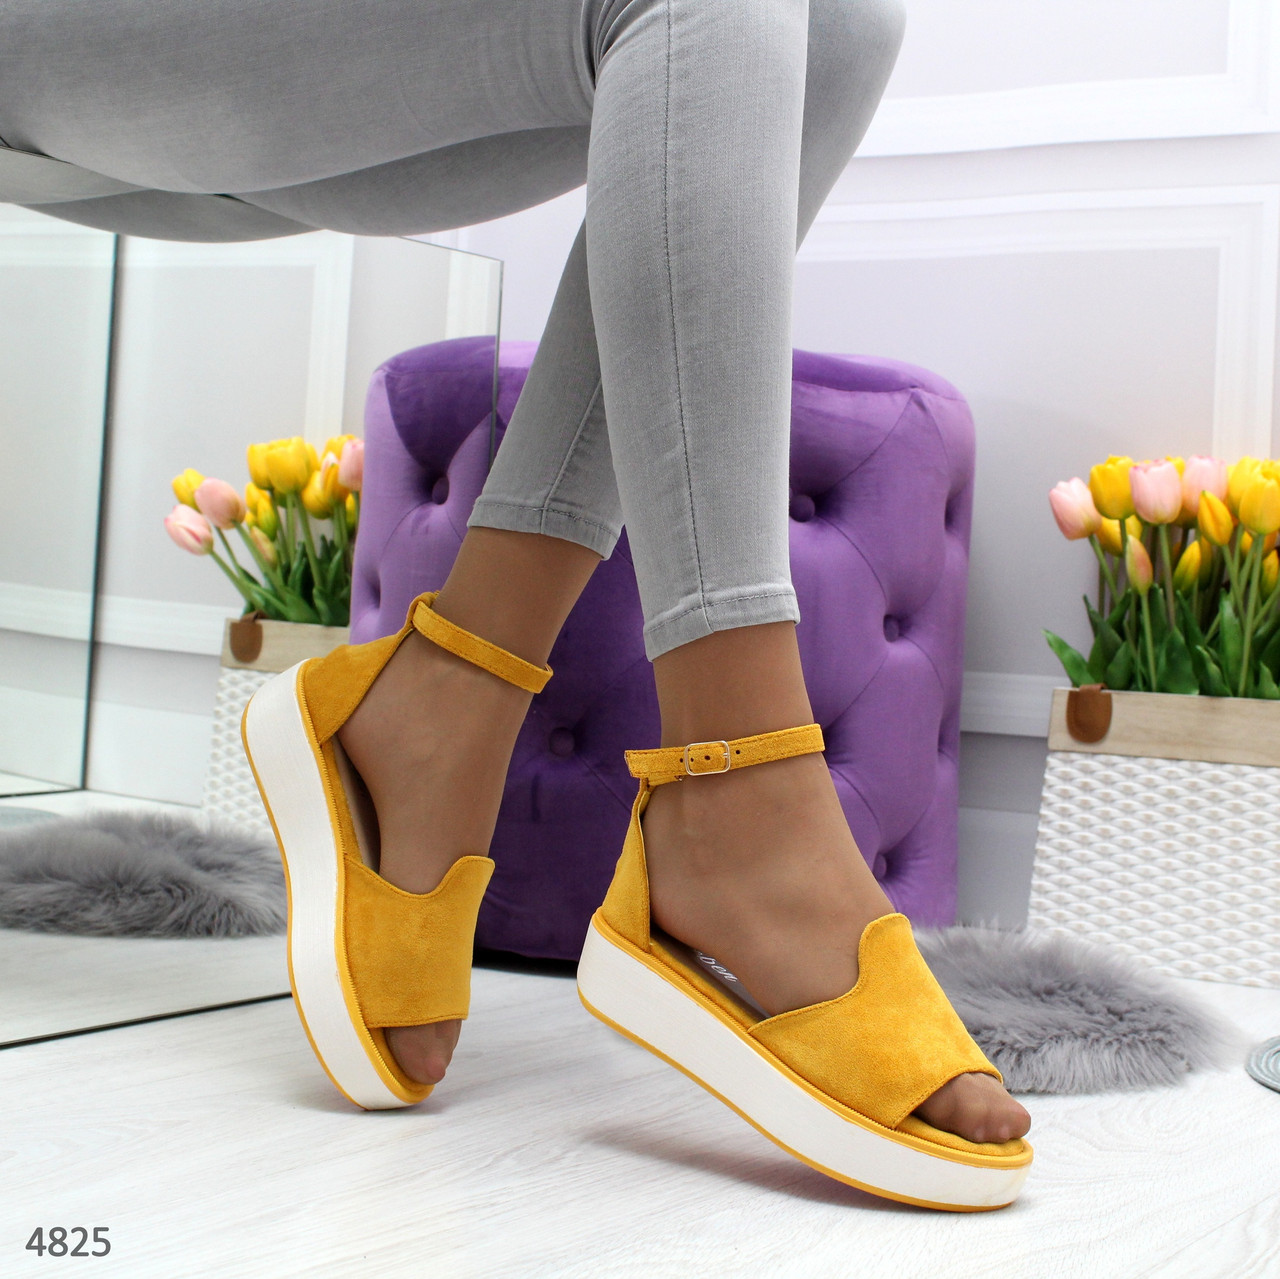 Босоножки сандалии женские желтые на платформе с ремешком и закрытой пяткой Felice